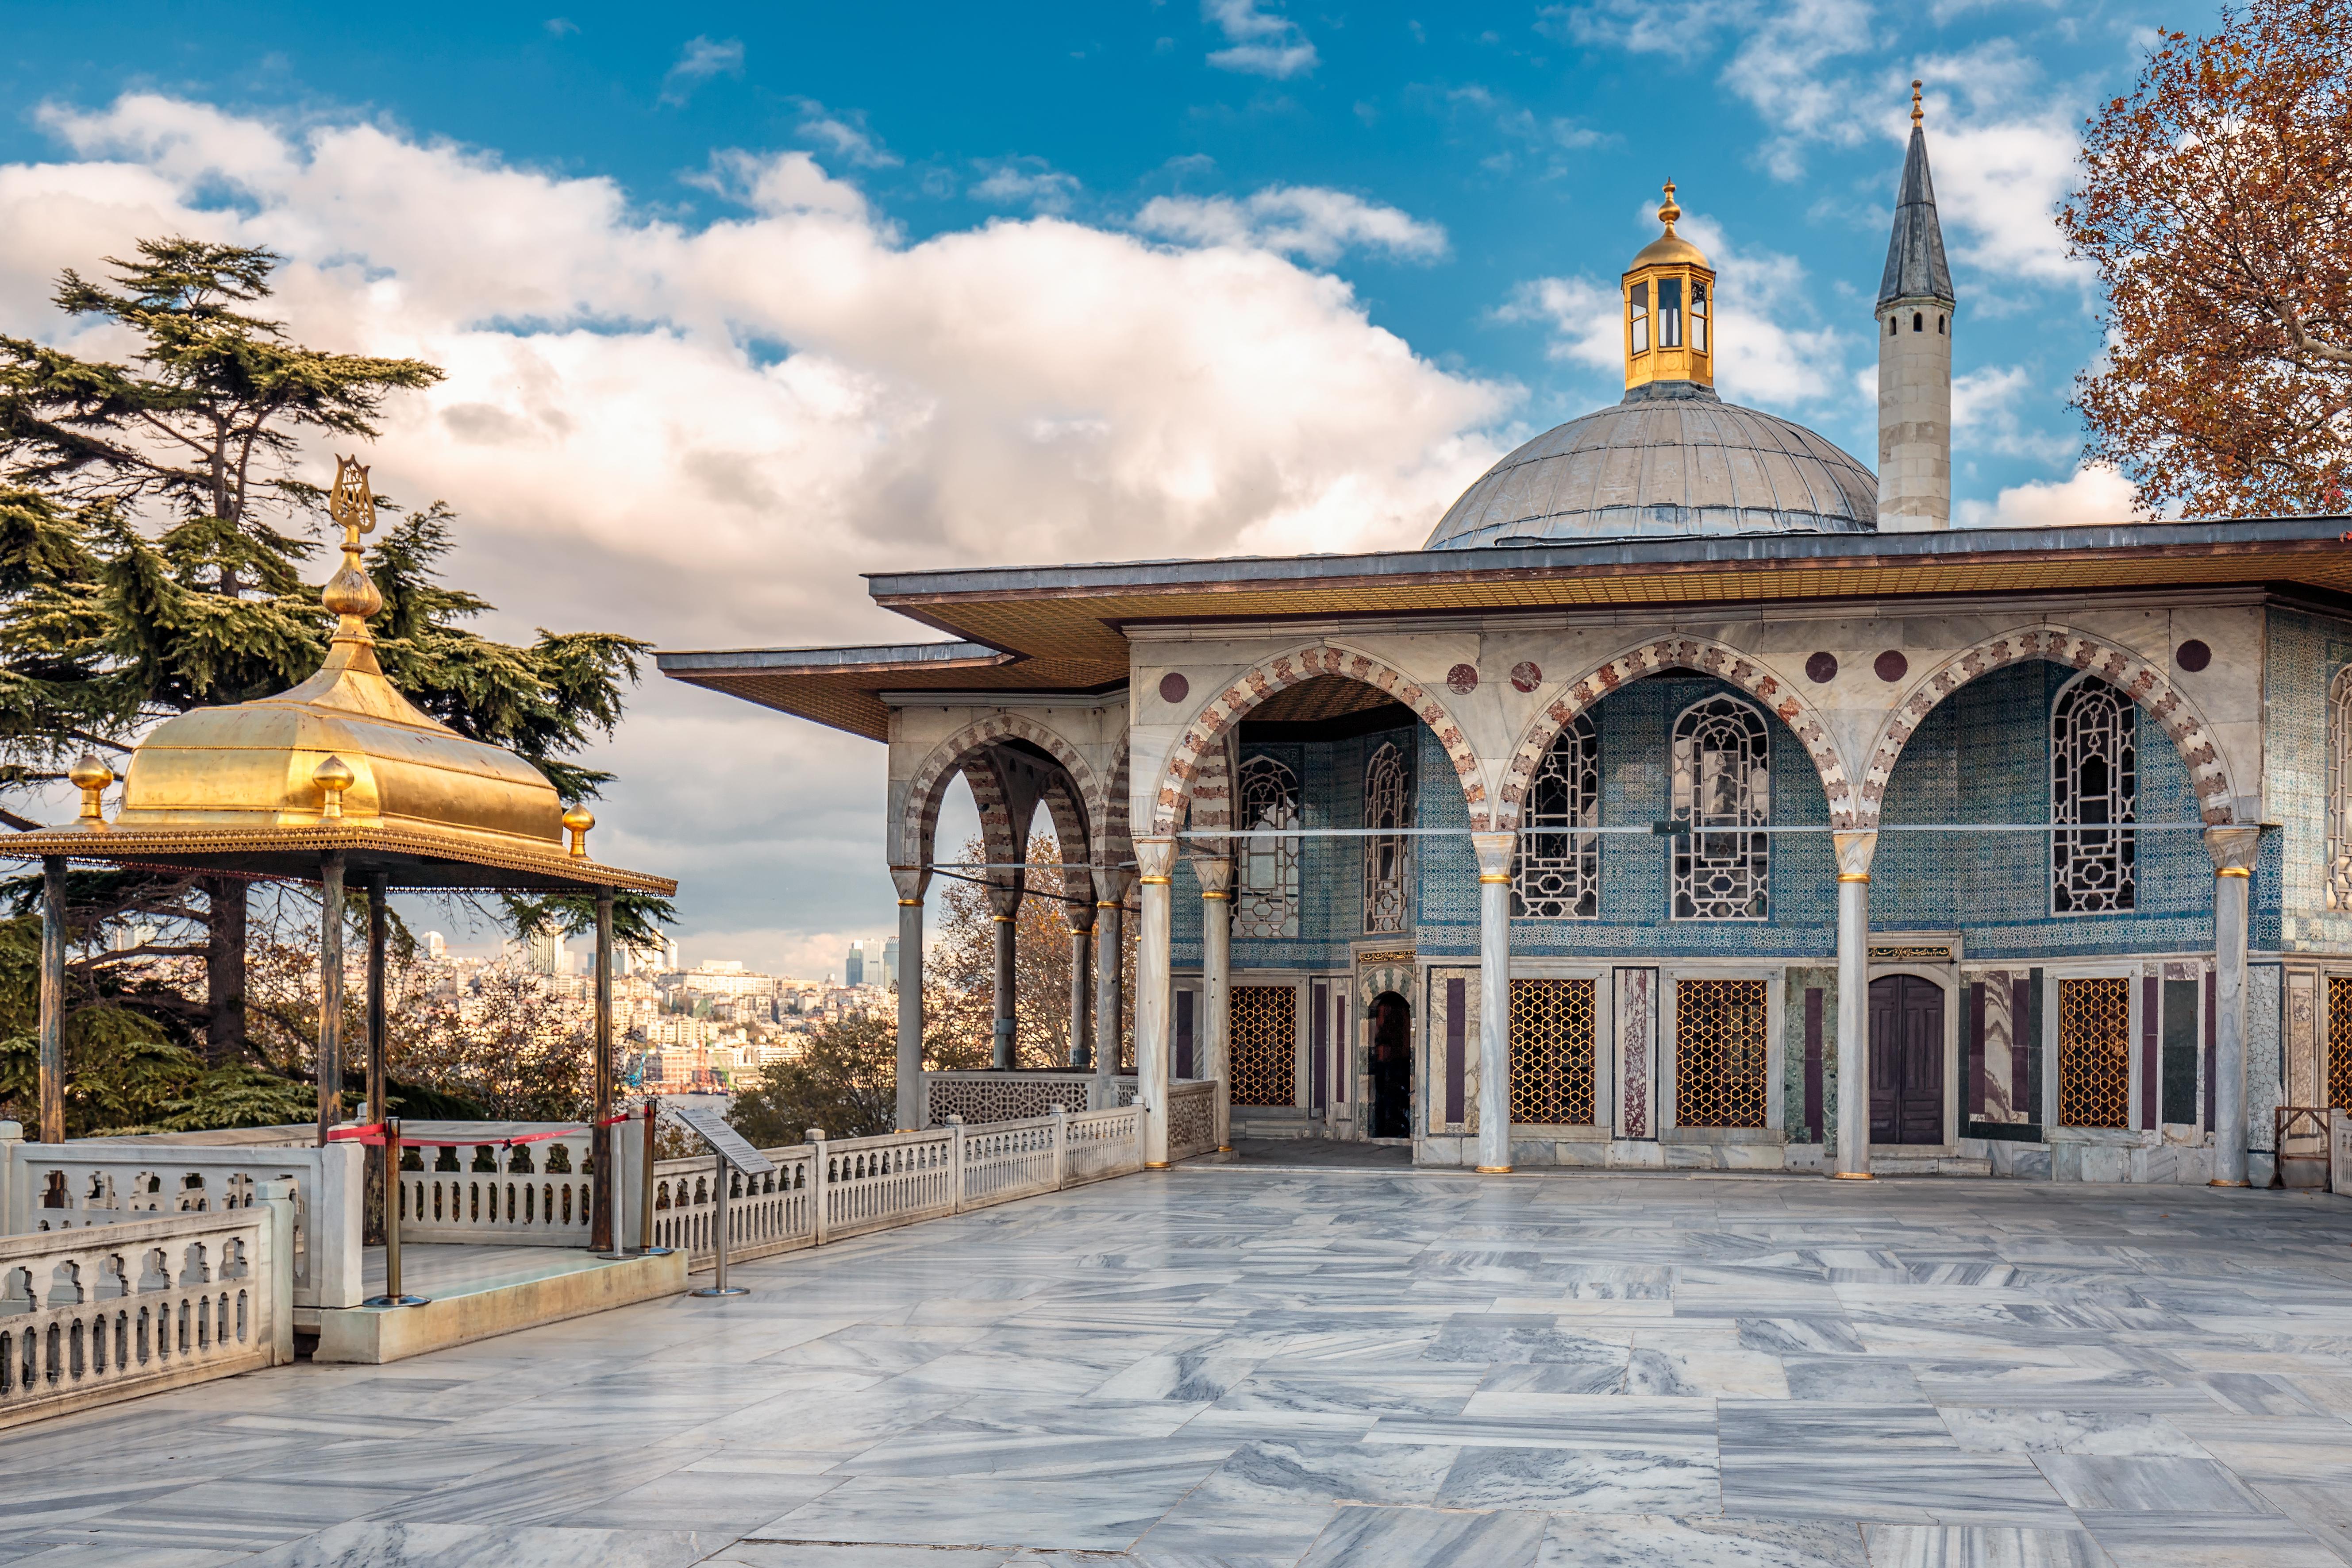 Descubre los secretos que esconde el harén del Palacio Topkapi - Turquía Circuito Gran Tour de Turquía